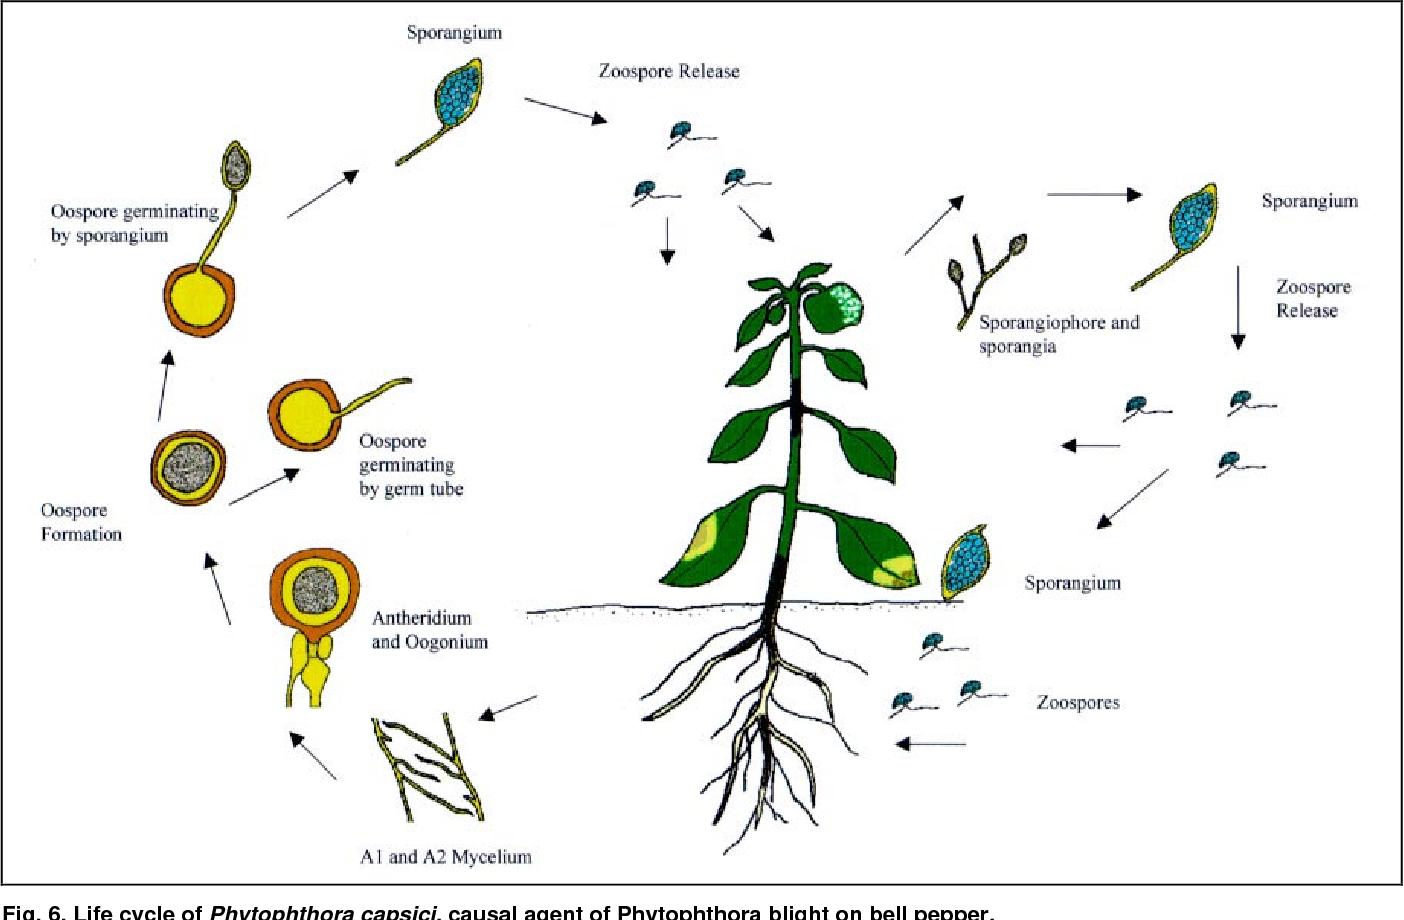 Tổng quan về nấm Phytophthora Capsici gây bệnh chết nhanh trên cây Hồ tiêu và các biện pháp phòng trừ